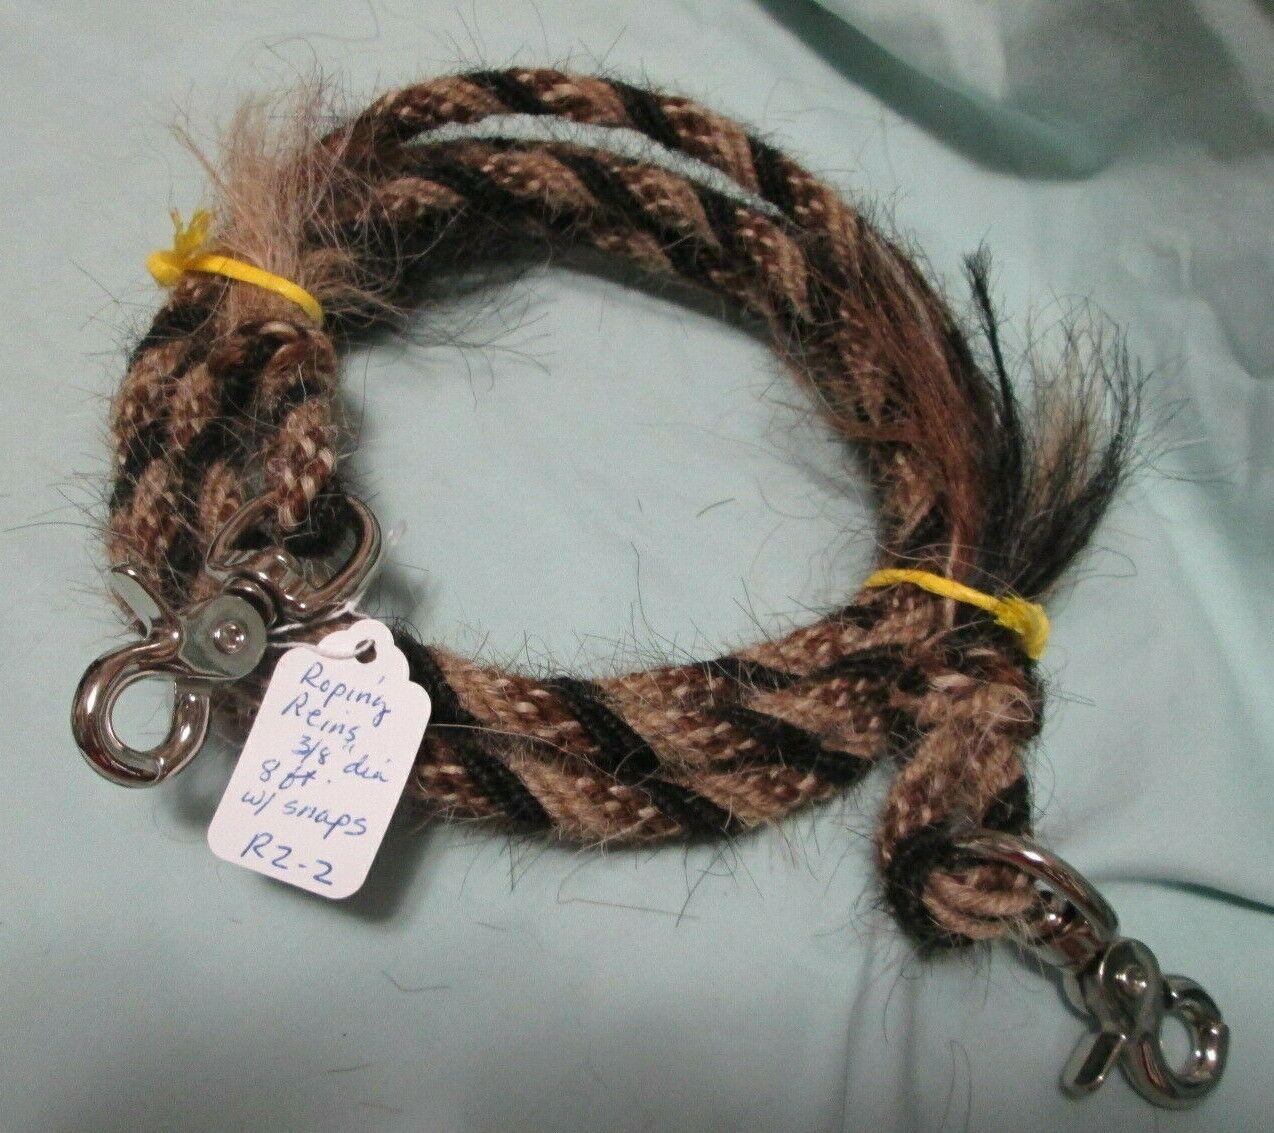 uomoe Horse Hair Roping Reins 8 feet 38 diameter, Pattern R22 with snaps